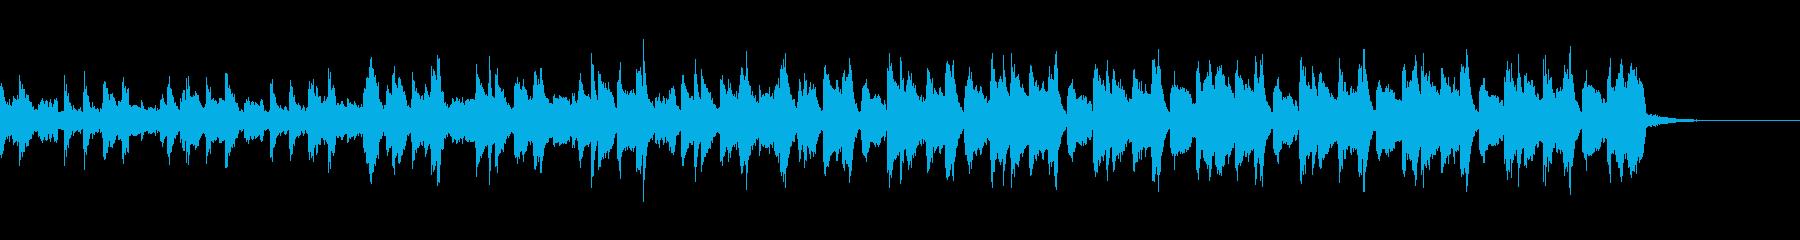 爽やかで切ない変則ビートの再生済みの波形